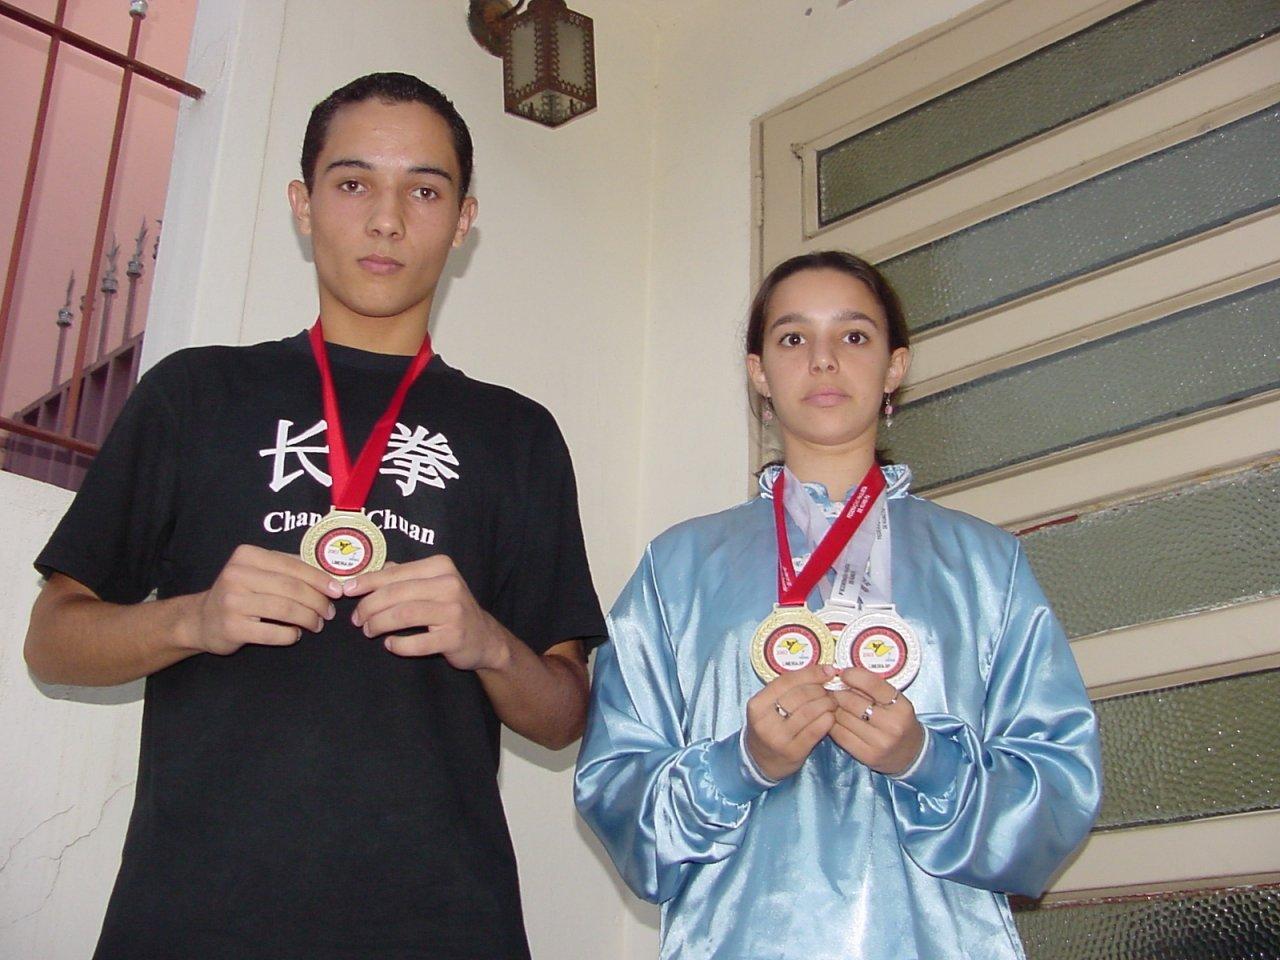 Marco e Ana eram destaques no Kung Fu em 2003